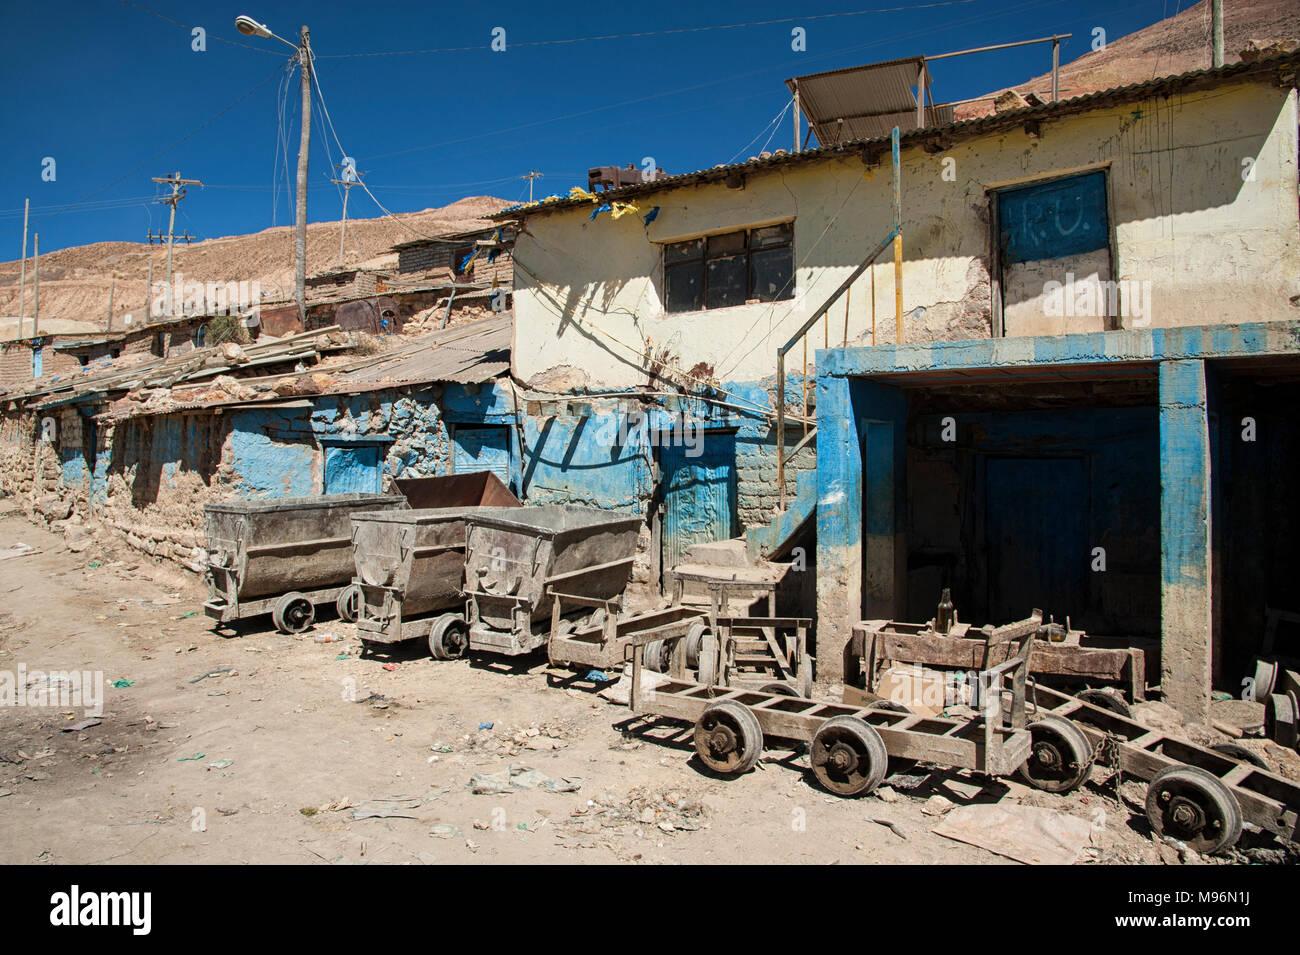 The Cerro Rico silver mines in Potosi, Bolivia - South America - Stock Image